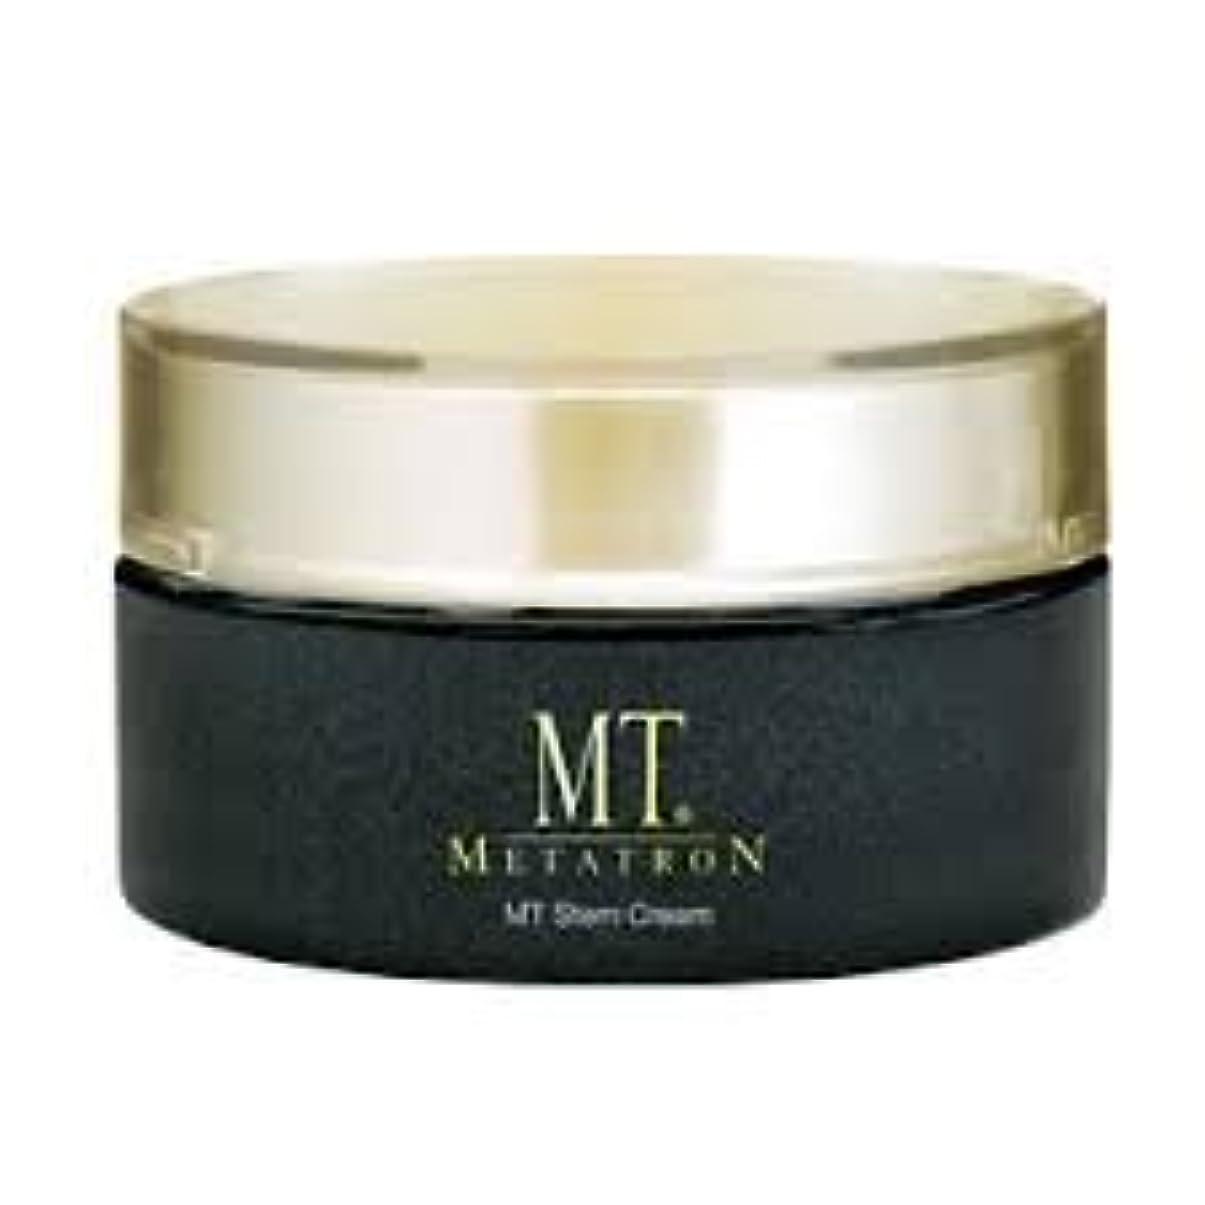 達成可能なめらかきれいにMTメタトロン ステムクリーム<保湿クリーム> 30g